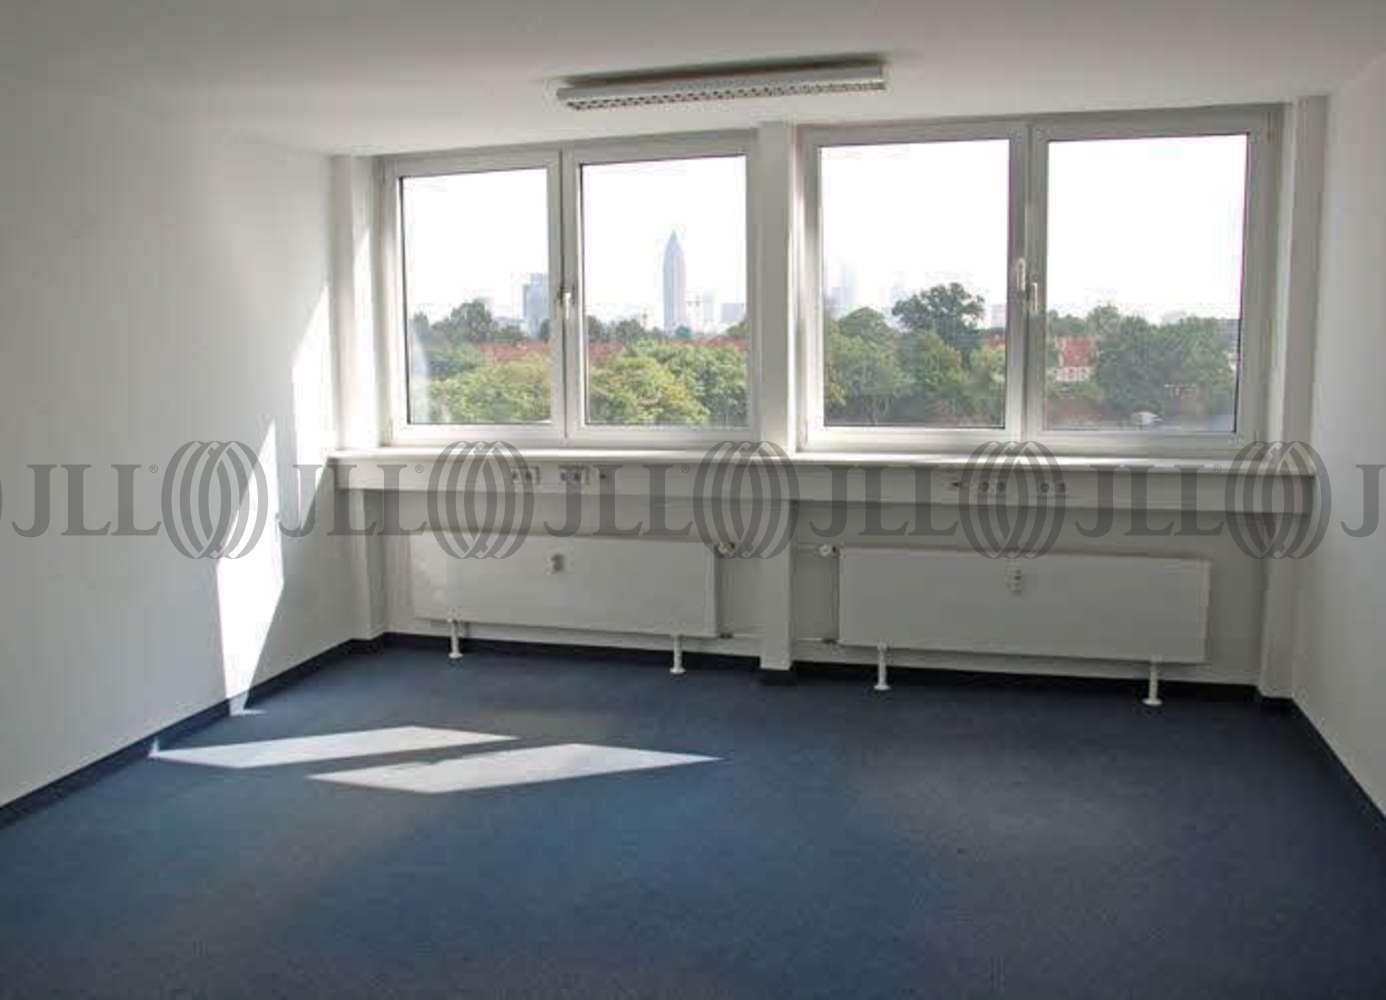 Büros Frankfurt am main, 60326 - Büro - Frankfurt am Main, Gallus - F1888 - 9410083